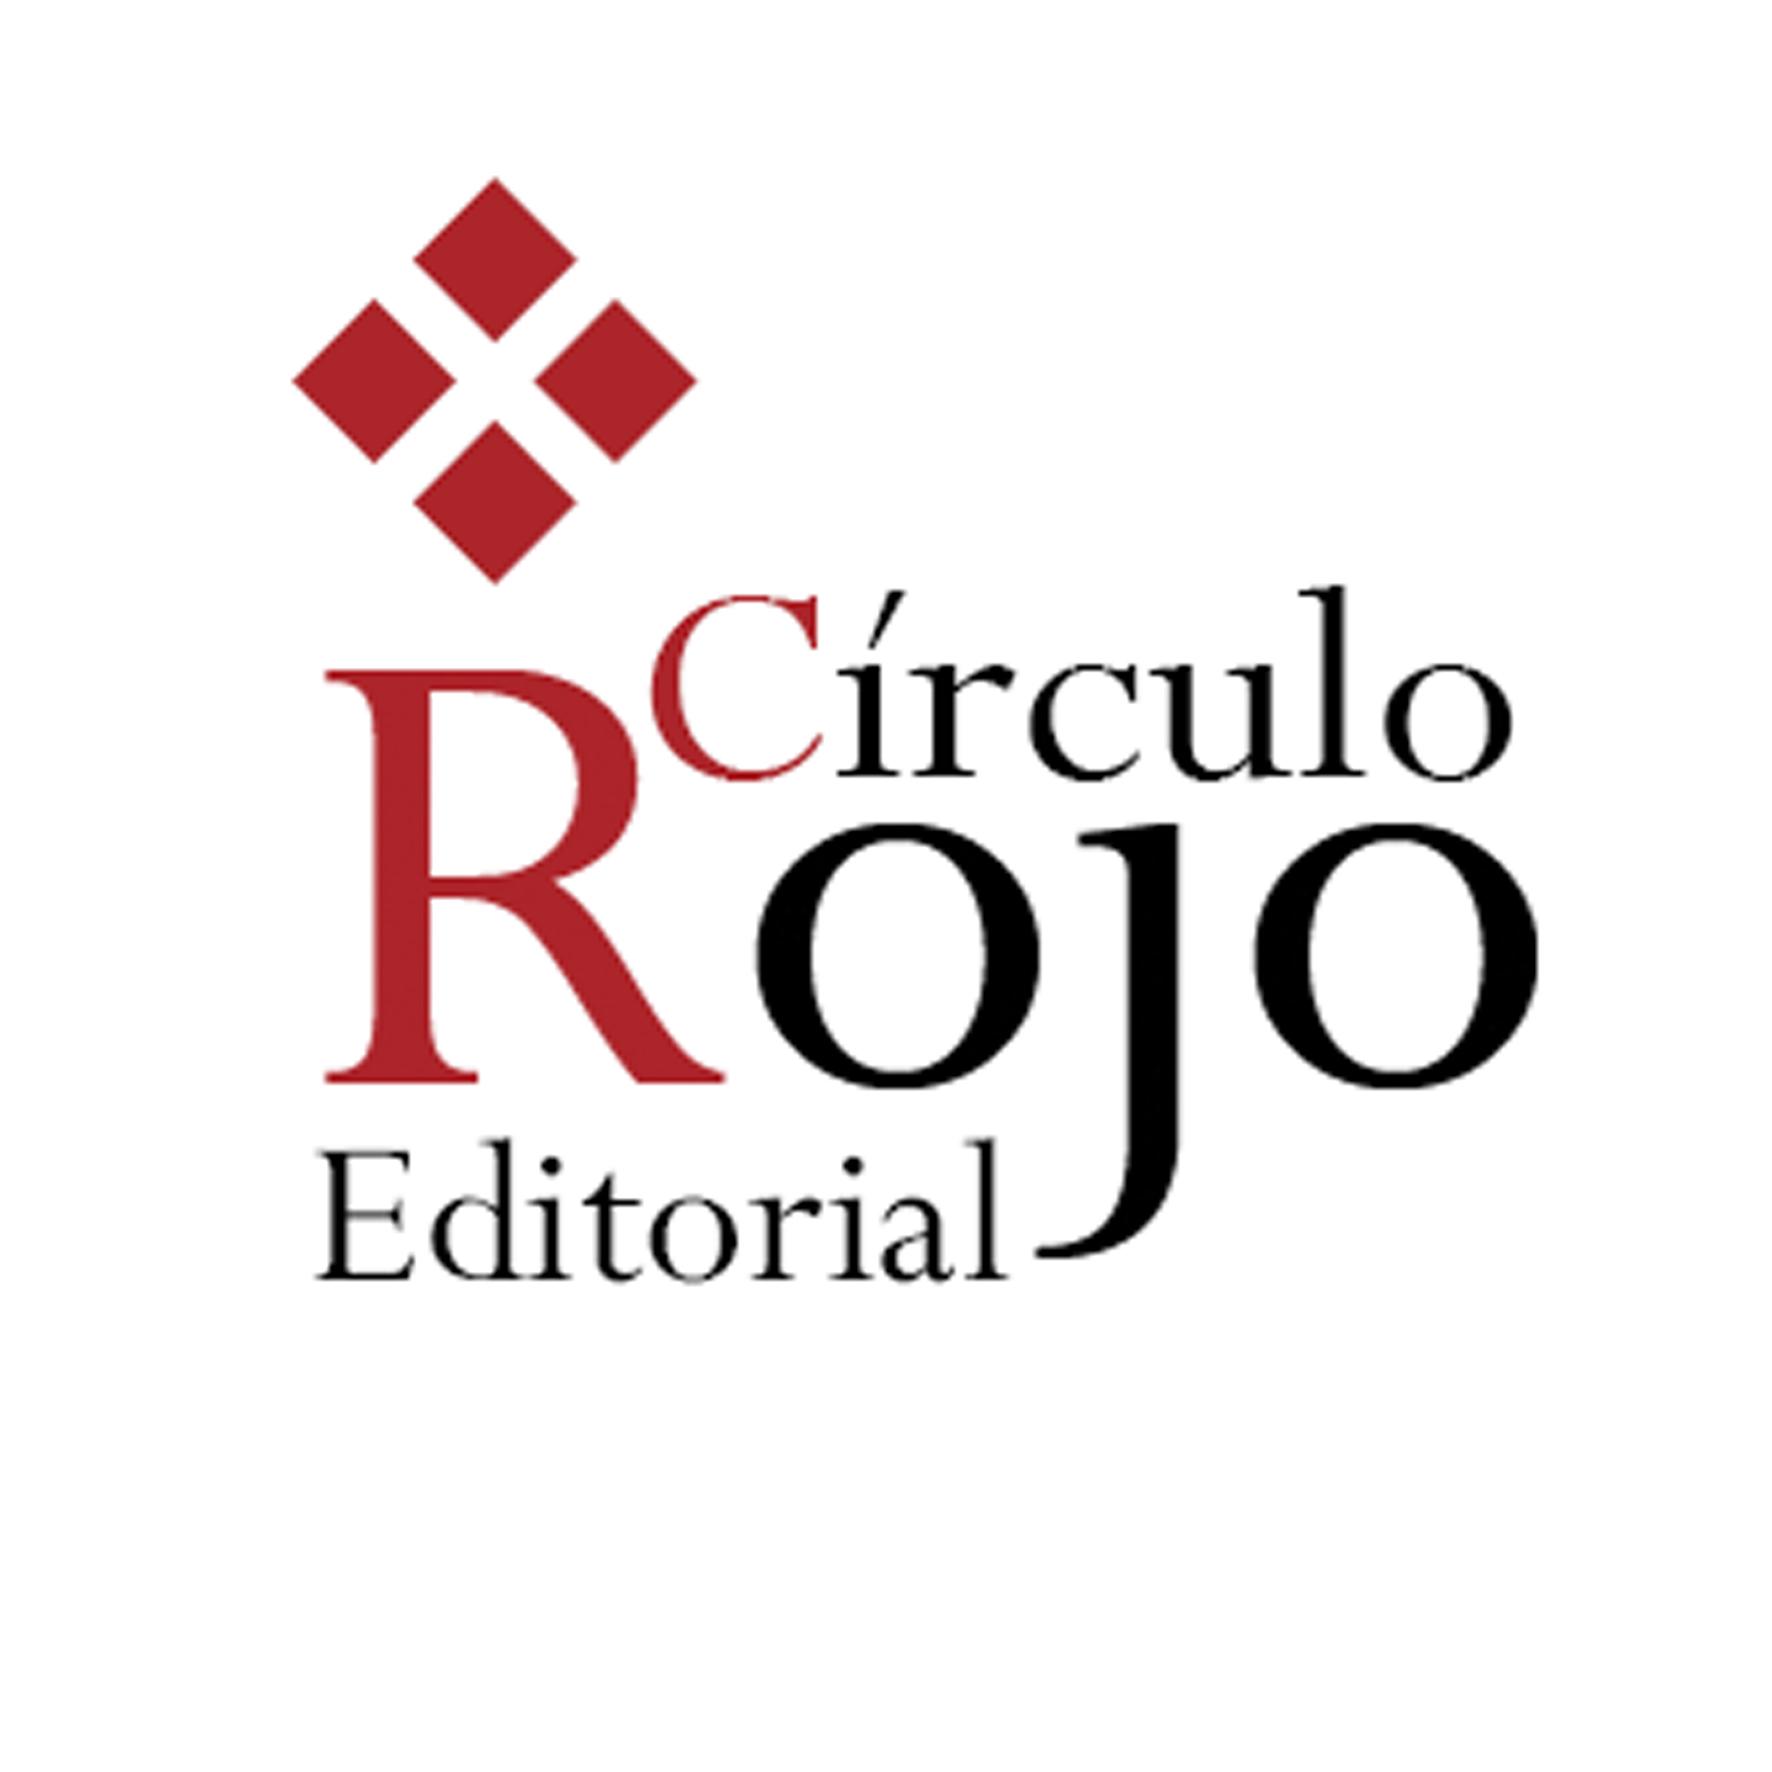 Resultado de imagen de editorial circulo rojo